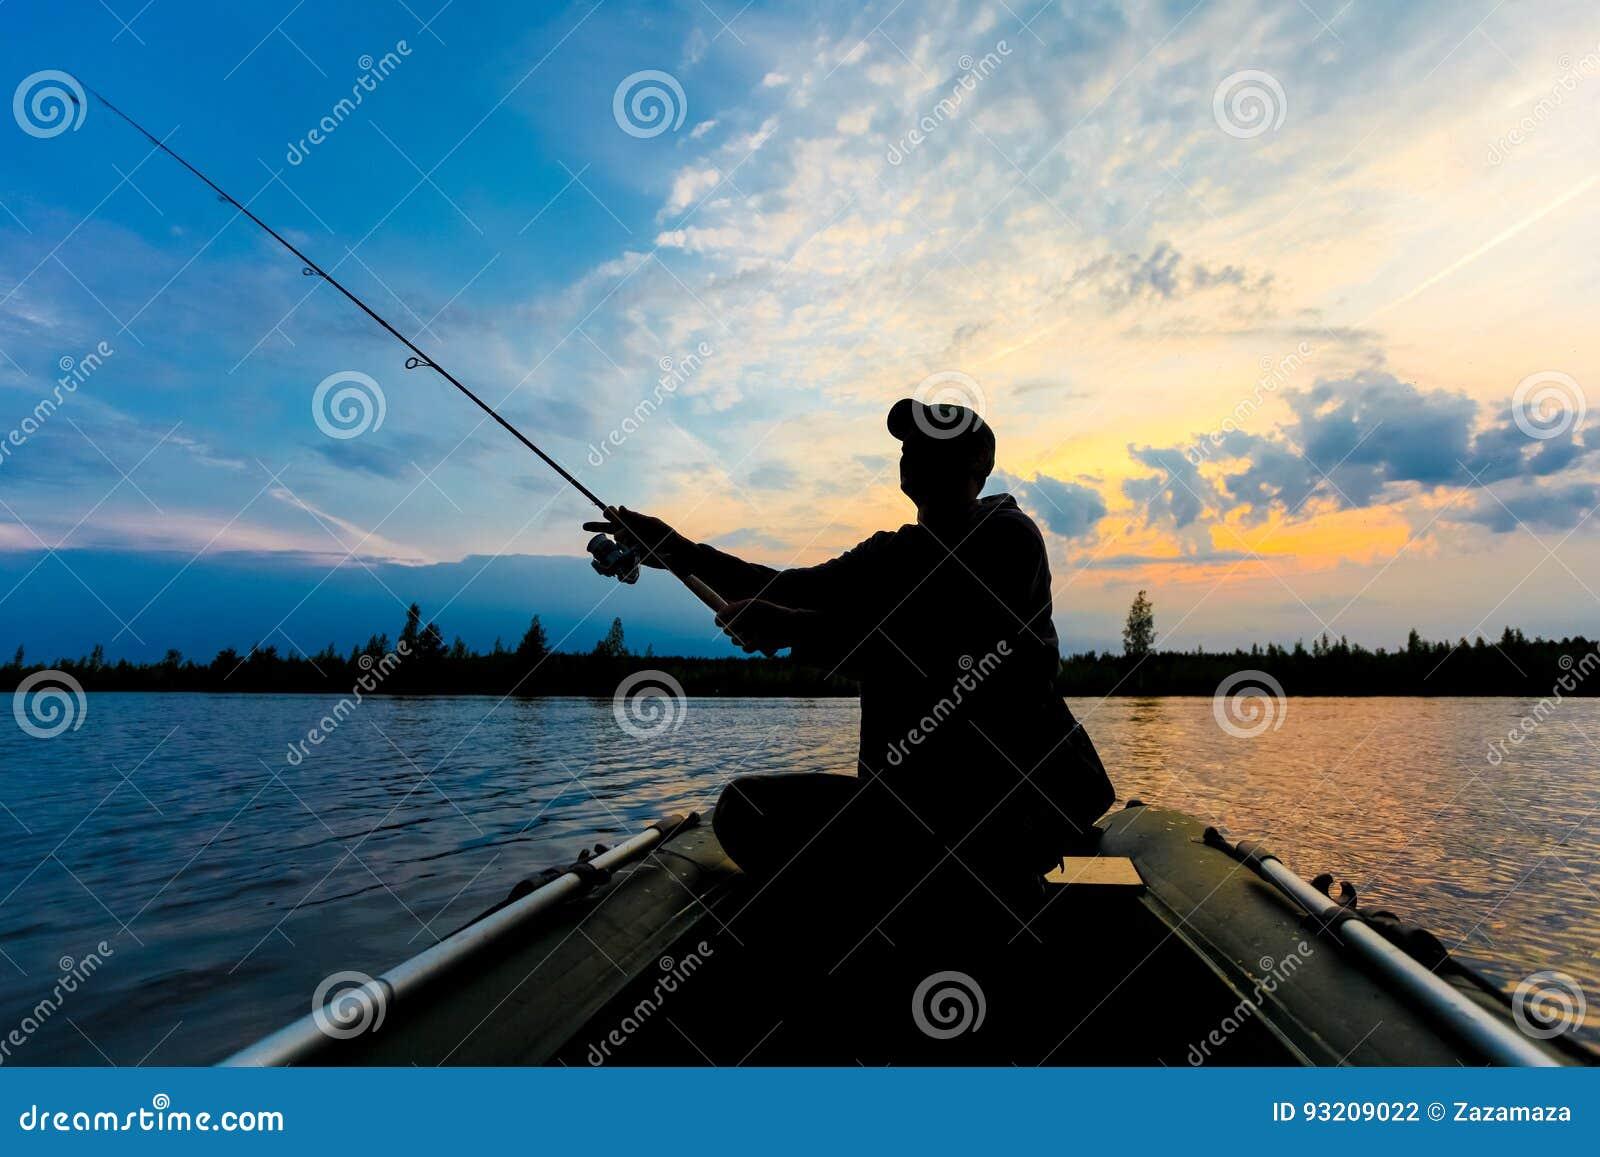 Fischerschattenbild mit Angelrute im aufblasbaren Boot am Sonnenaufgang und an den Würfen ein Köder für anziehende Fische